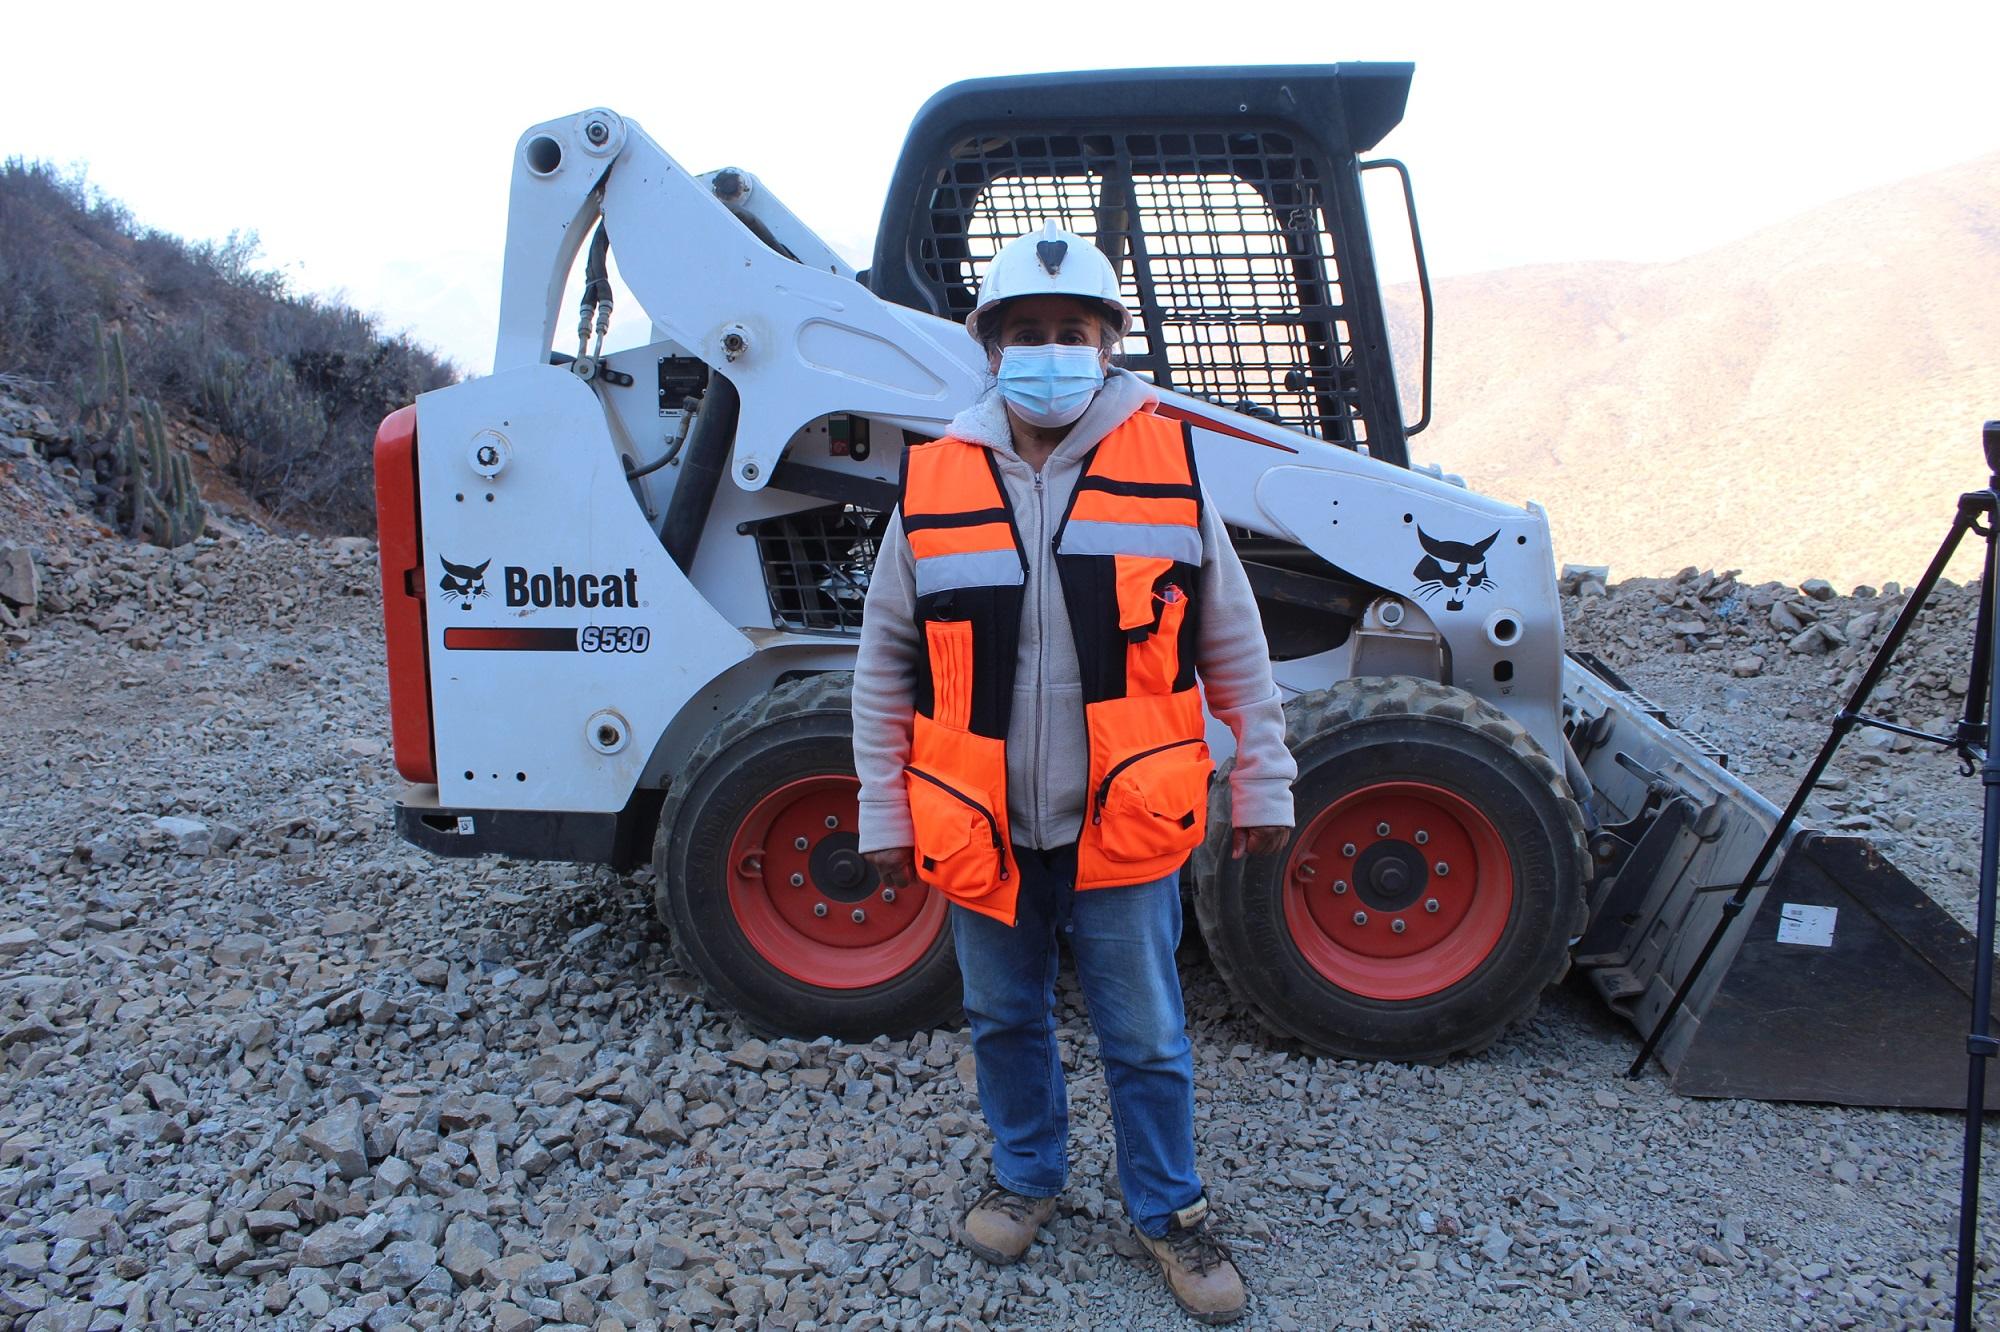 Seremi de Minería abre fondos para entrega de metros y equipamientos a pequeños mineros de Atacama